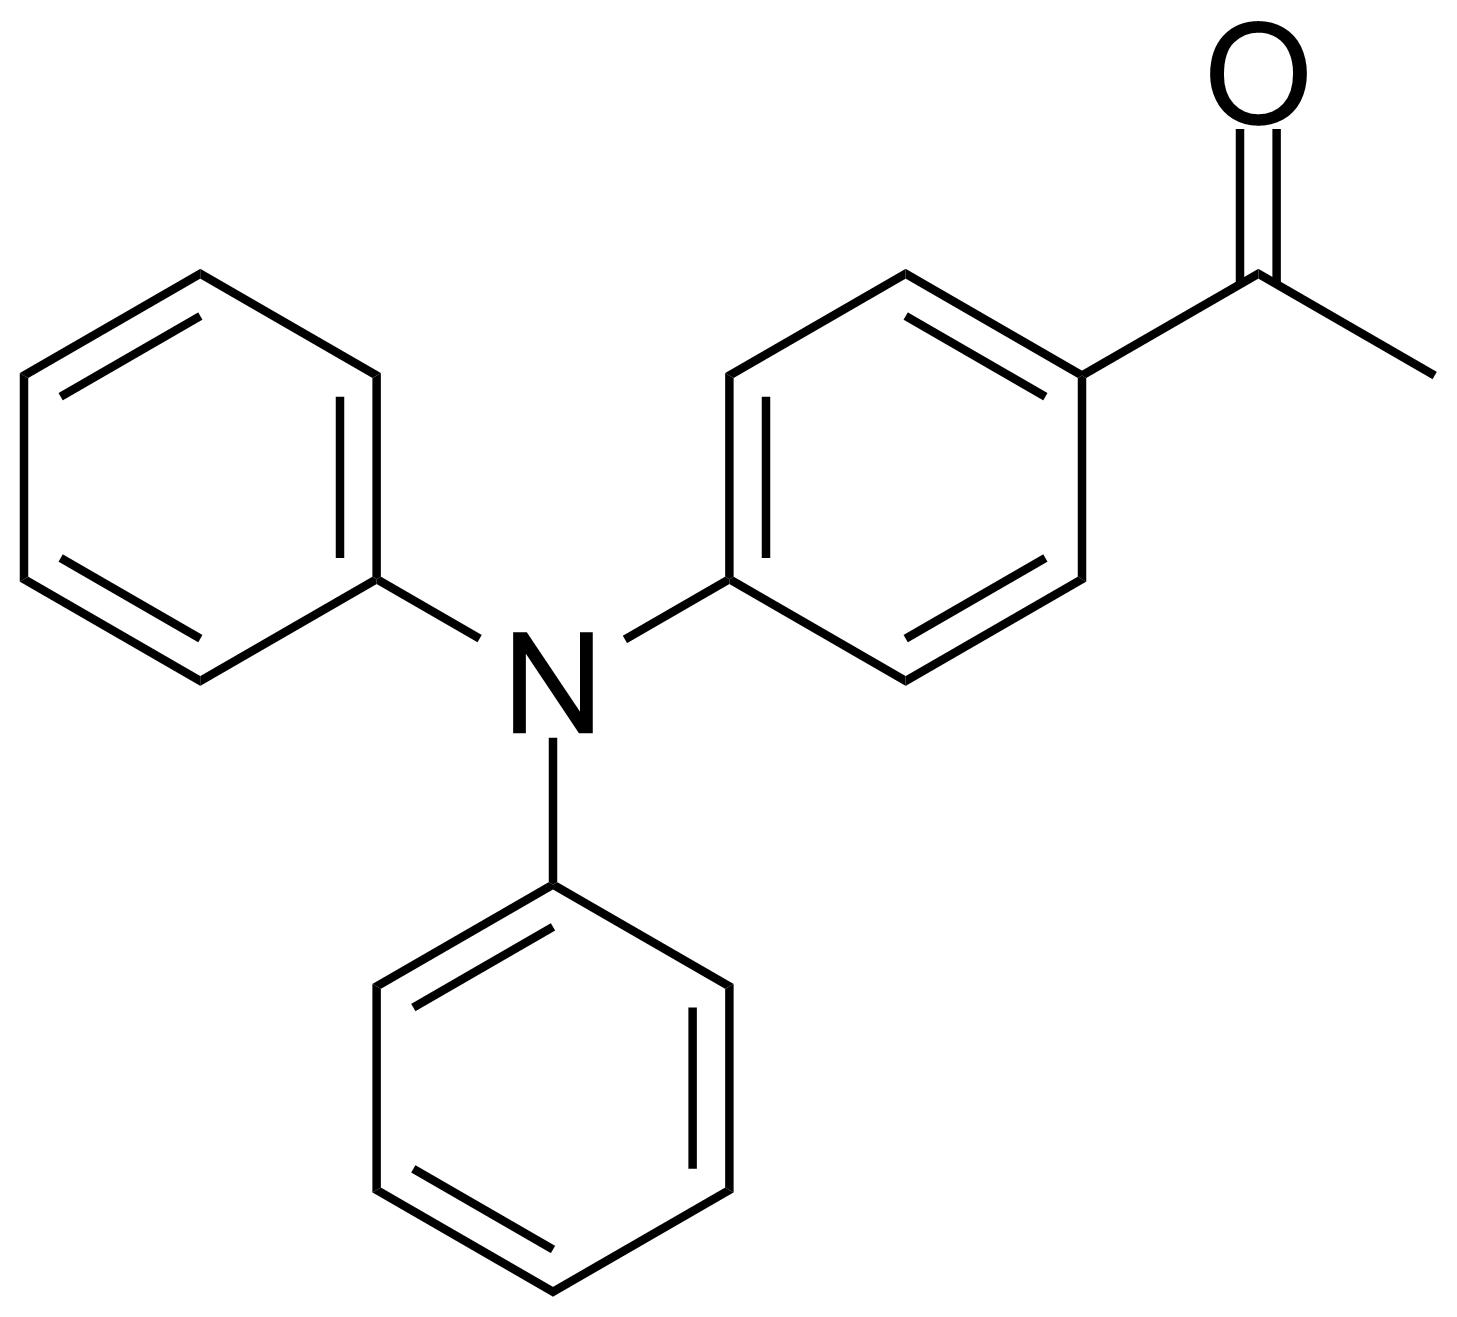 Structure of 1-(4-(Diphenylamino)phenyl)ethanone